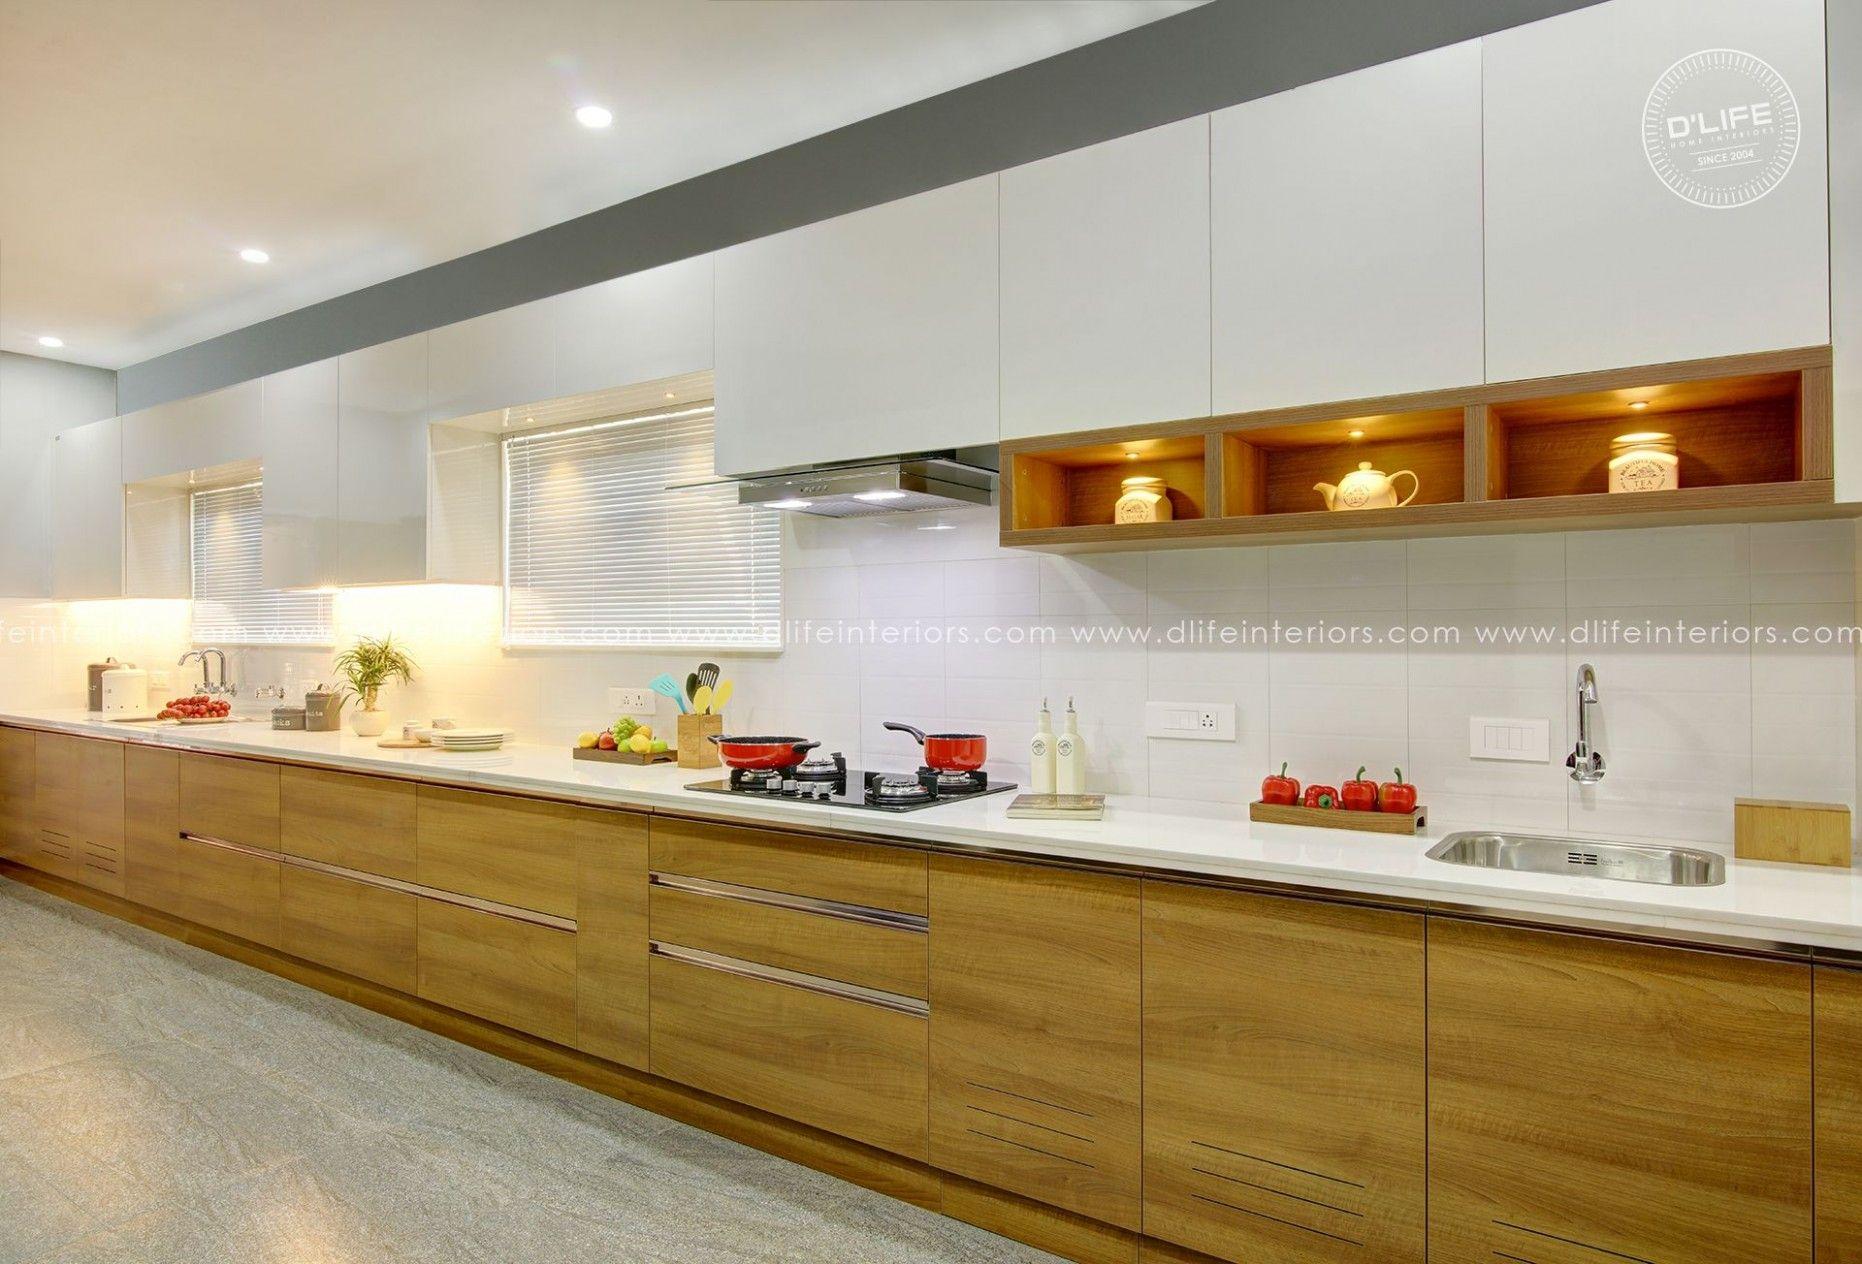 Best Kitchen Cabinets Shops In Trivandrum Kitchen Cabinets 640 x 480